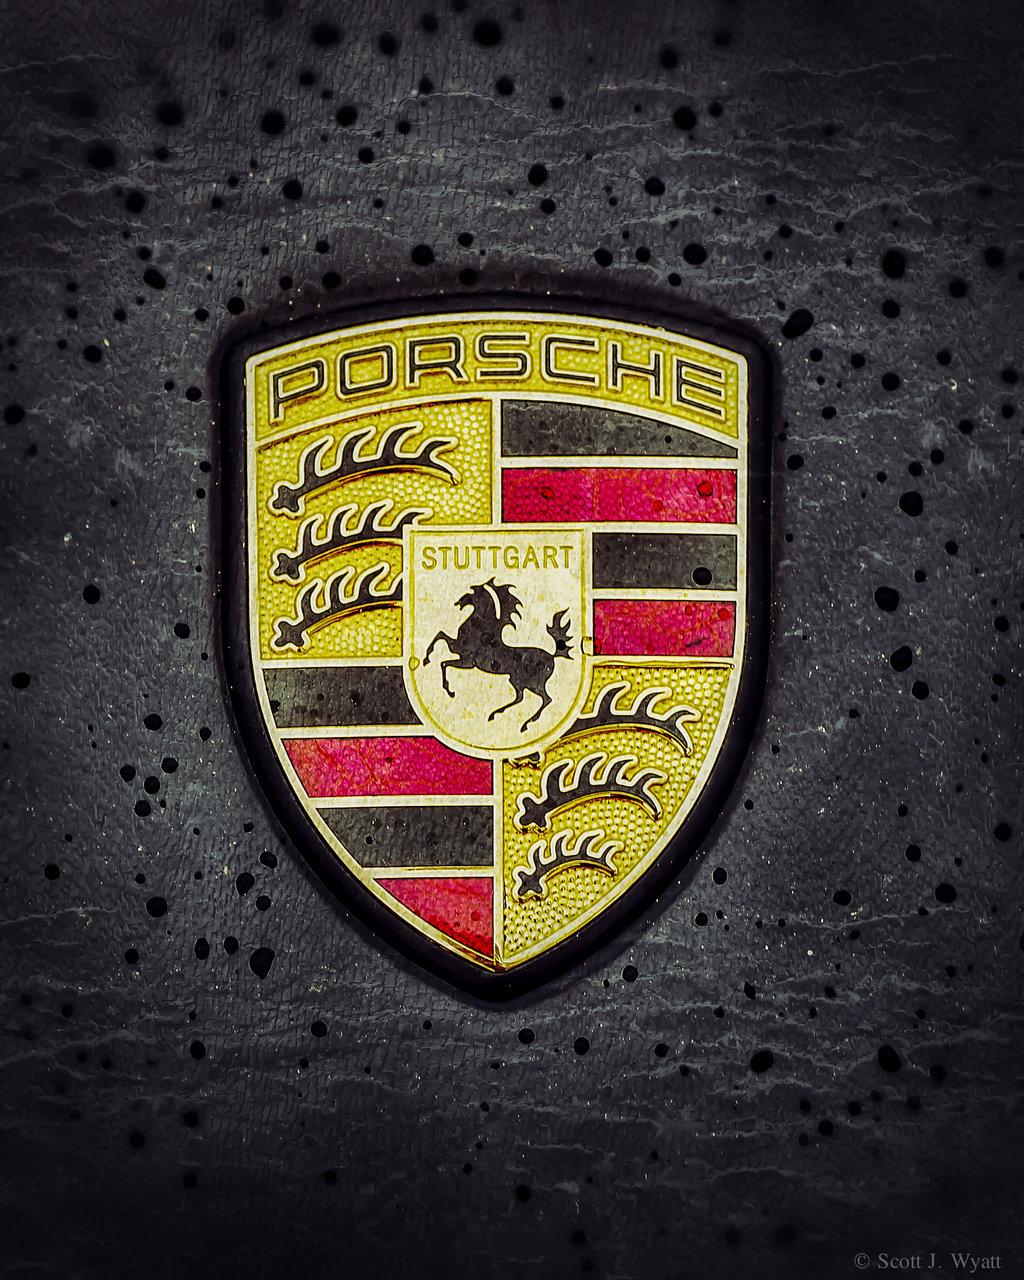 Porsche Emblem Wallpaper